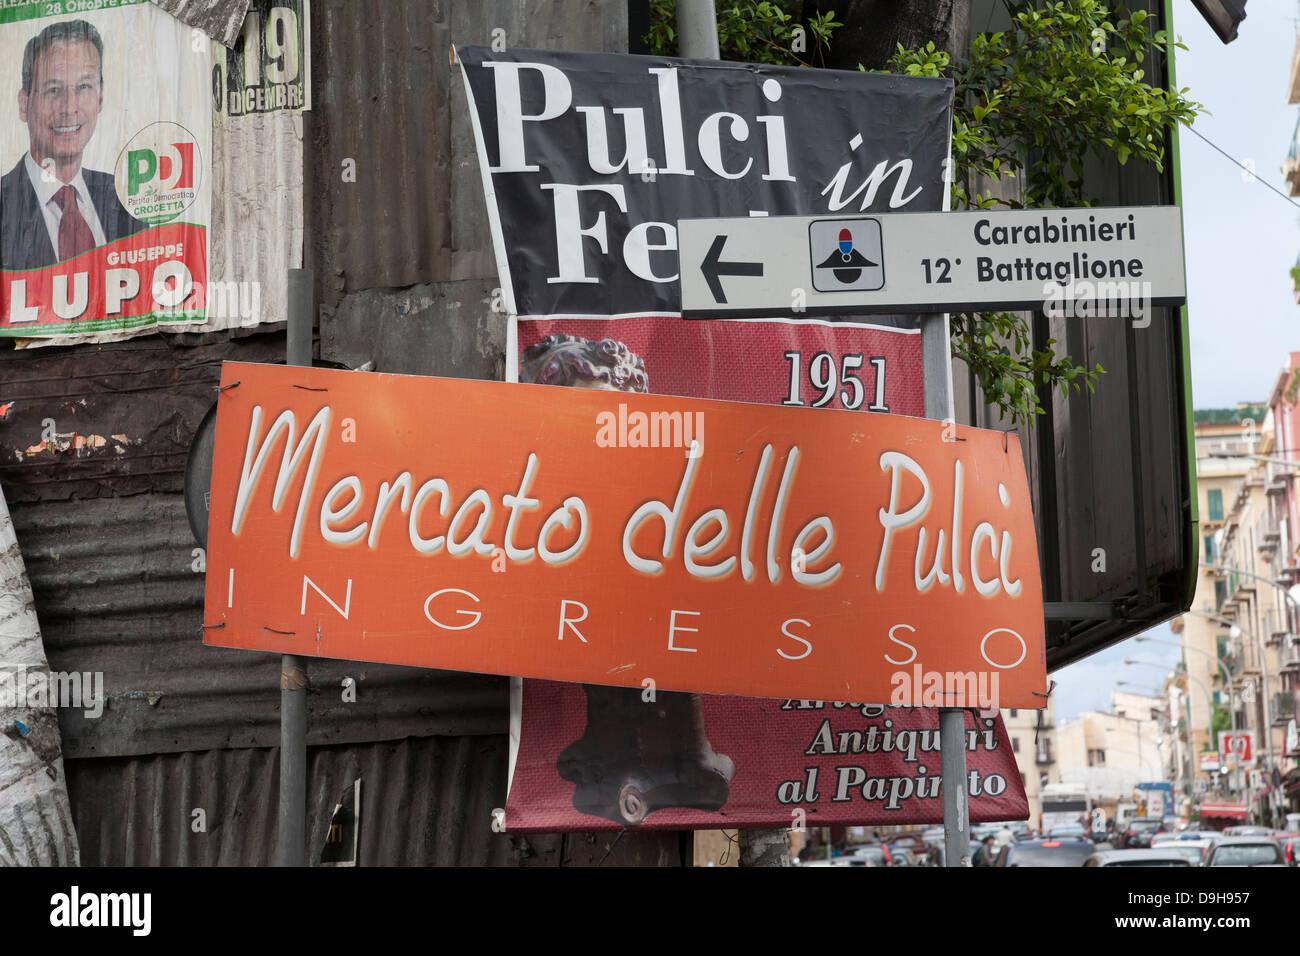 Mercato delle Pulci, Flea Market, Palermo, Sicily, Italy Stock Photo